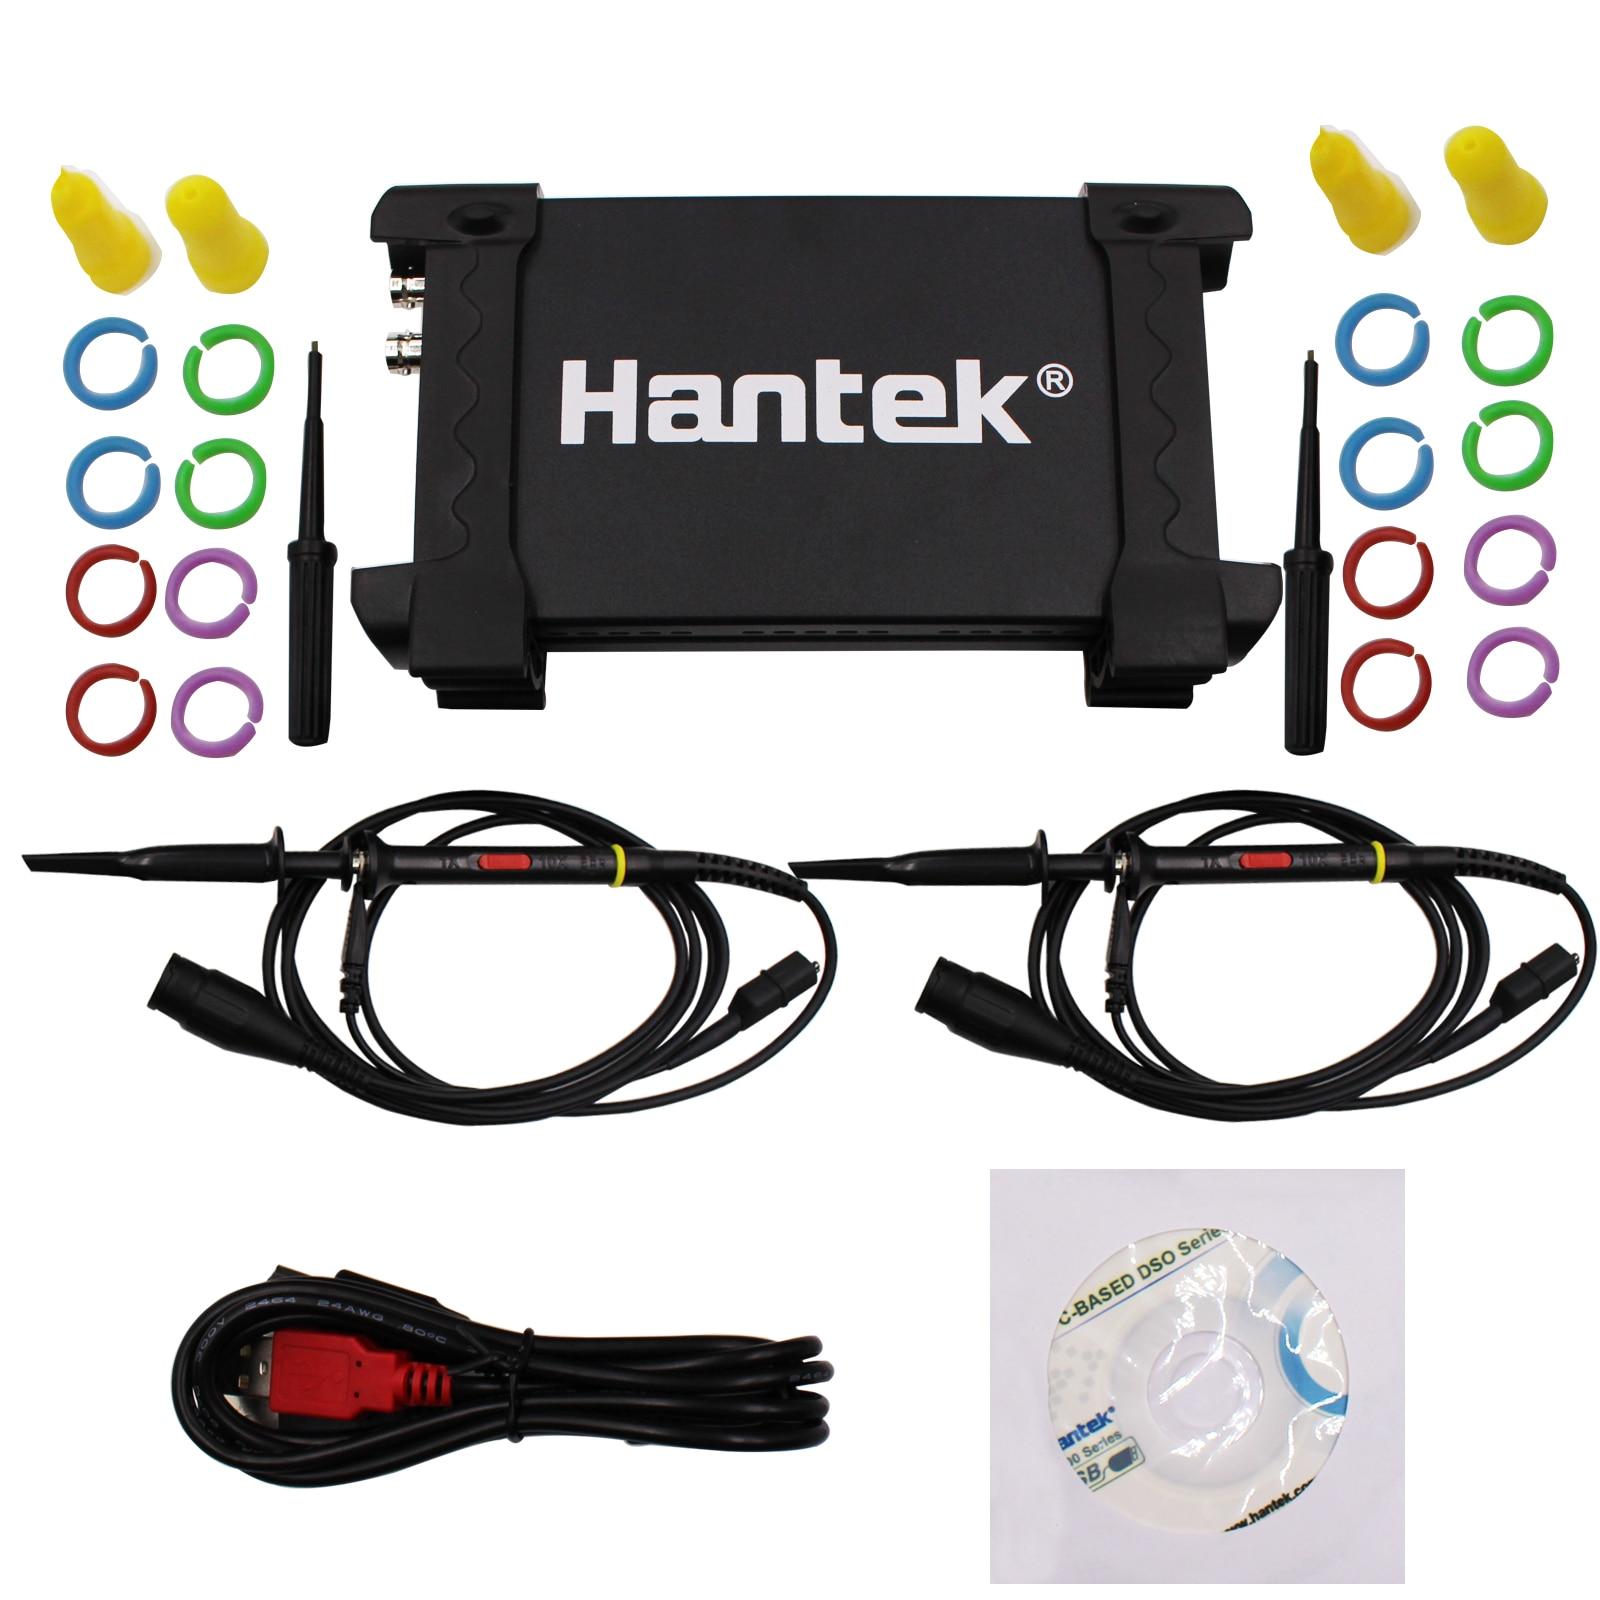 Da fábrica diretamente! Hantek 6022be usb portátil osciloscópio armazenamento digital 2 canais 20mhz 48msa/s osciloscópio